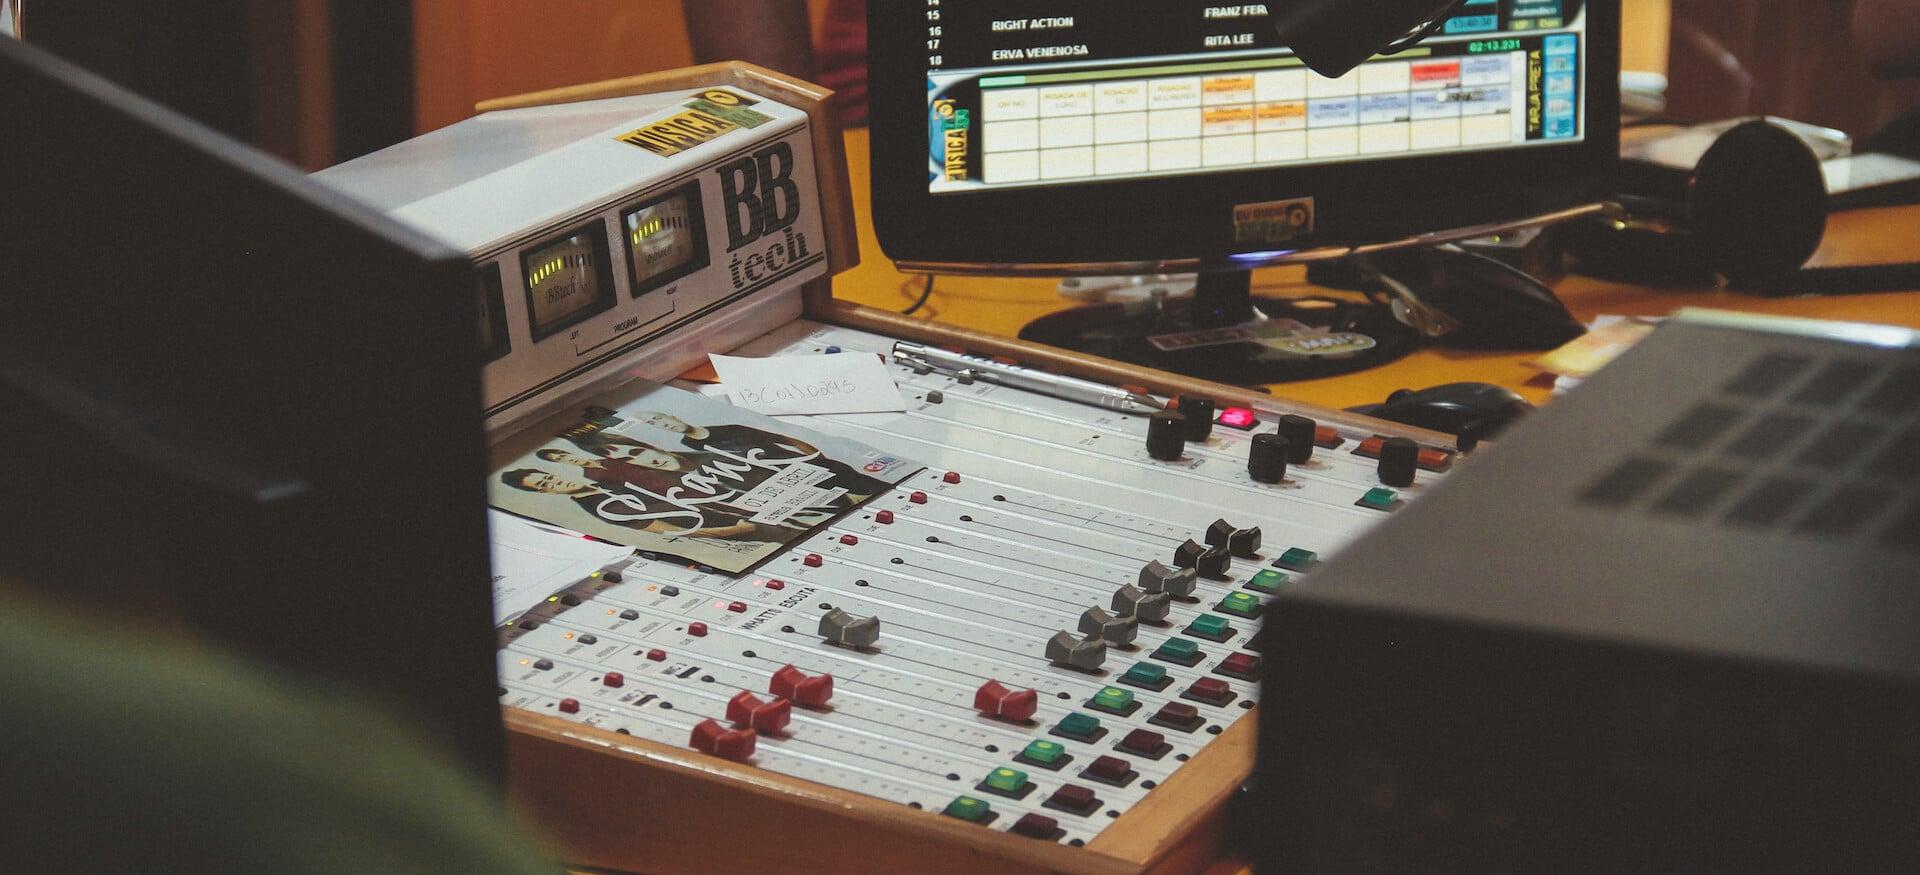 Musik-Produktion lernen